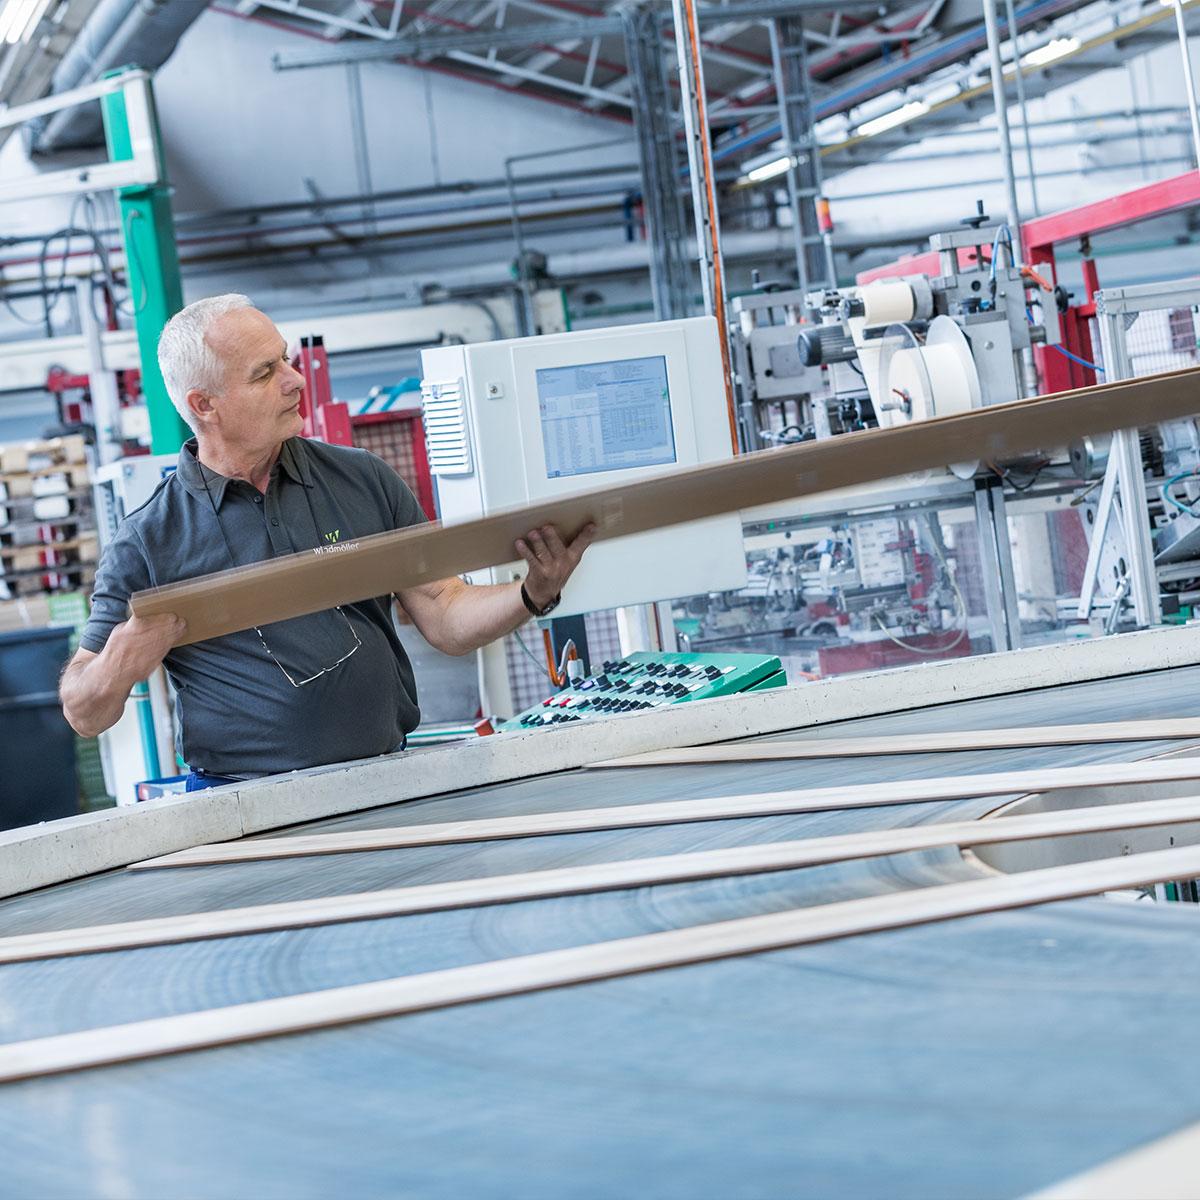 wineo Laminatboden Qualitätskontrolle Qualität Produktion Mitarbeiter